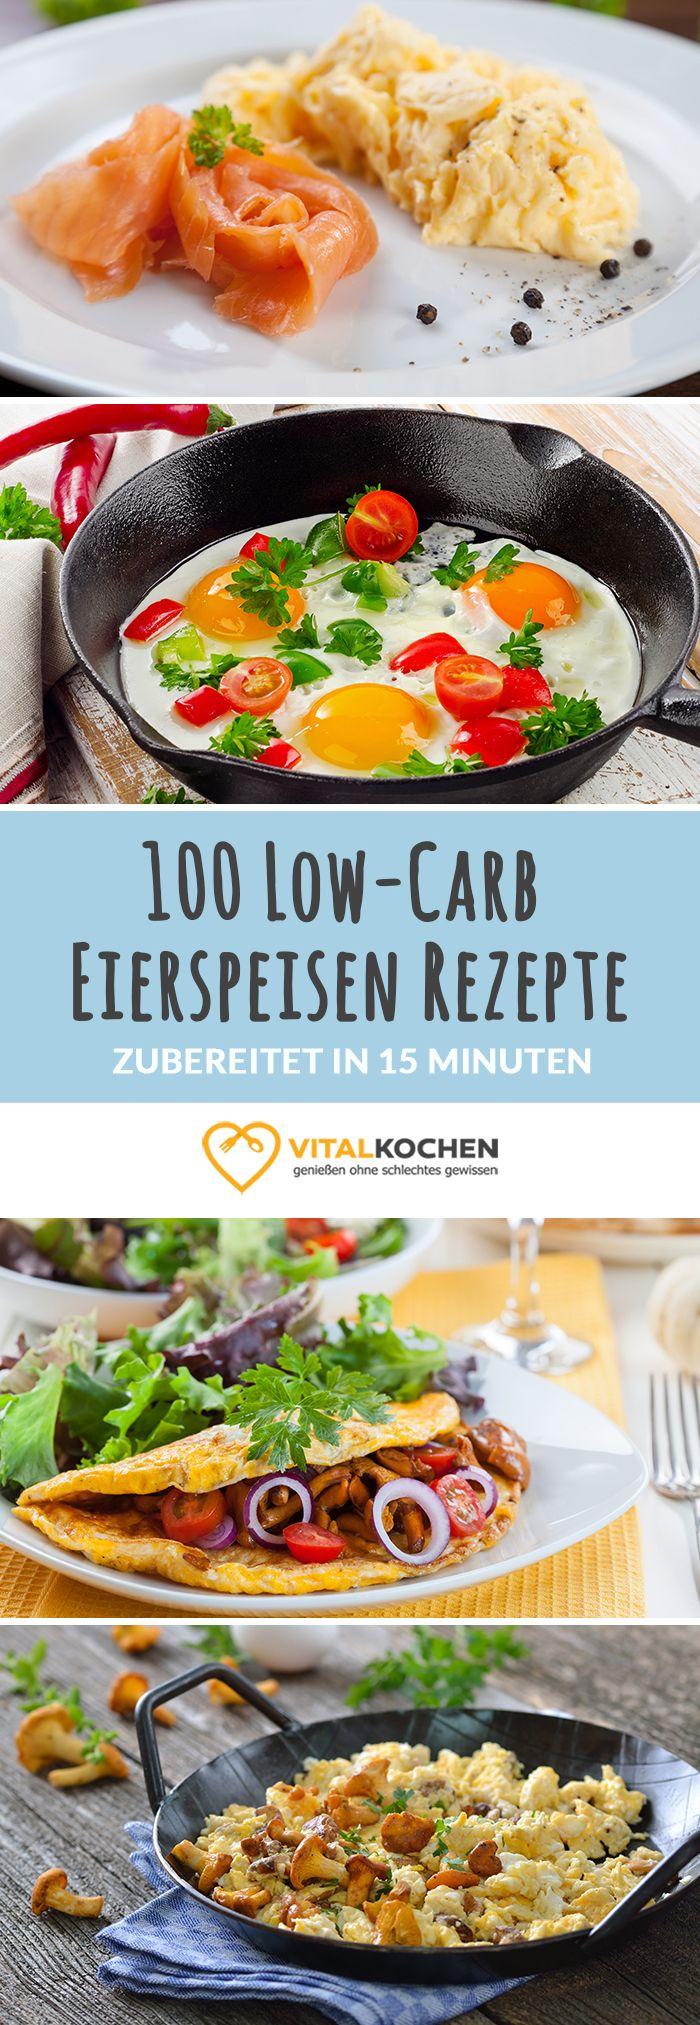 Low-Carb Eierspeisen Rezepte - max. 15 Min Zubereitungszeit - einfach, schnell & gesund Abnehmen mit Vital-Kochen.de